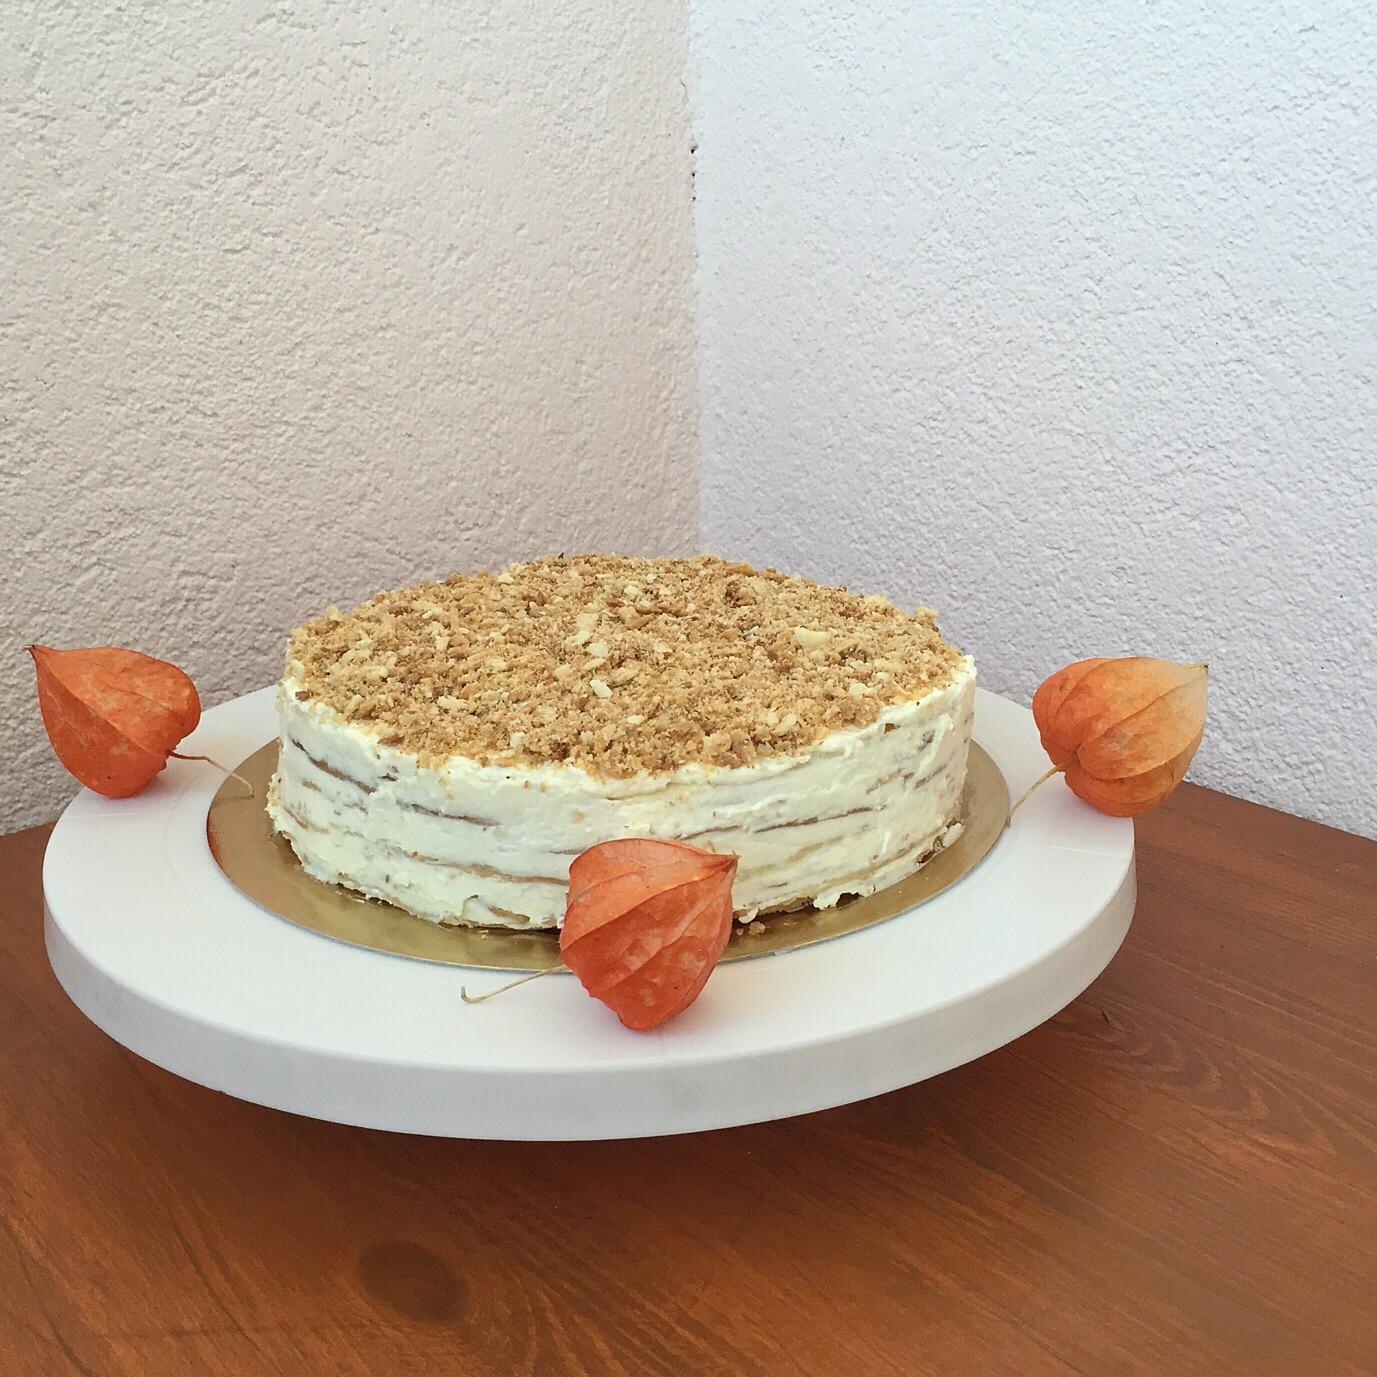 Заварной крем для Наполеона. Простые рецепты крема для торта Наполеон и десертов в домашних условиях